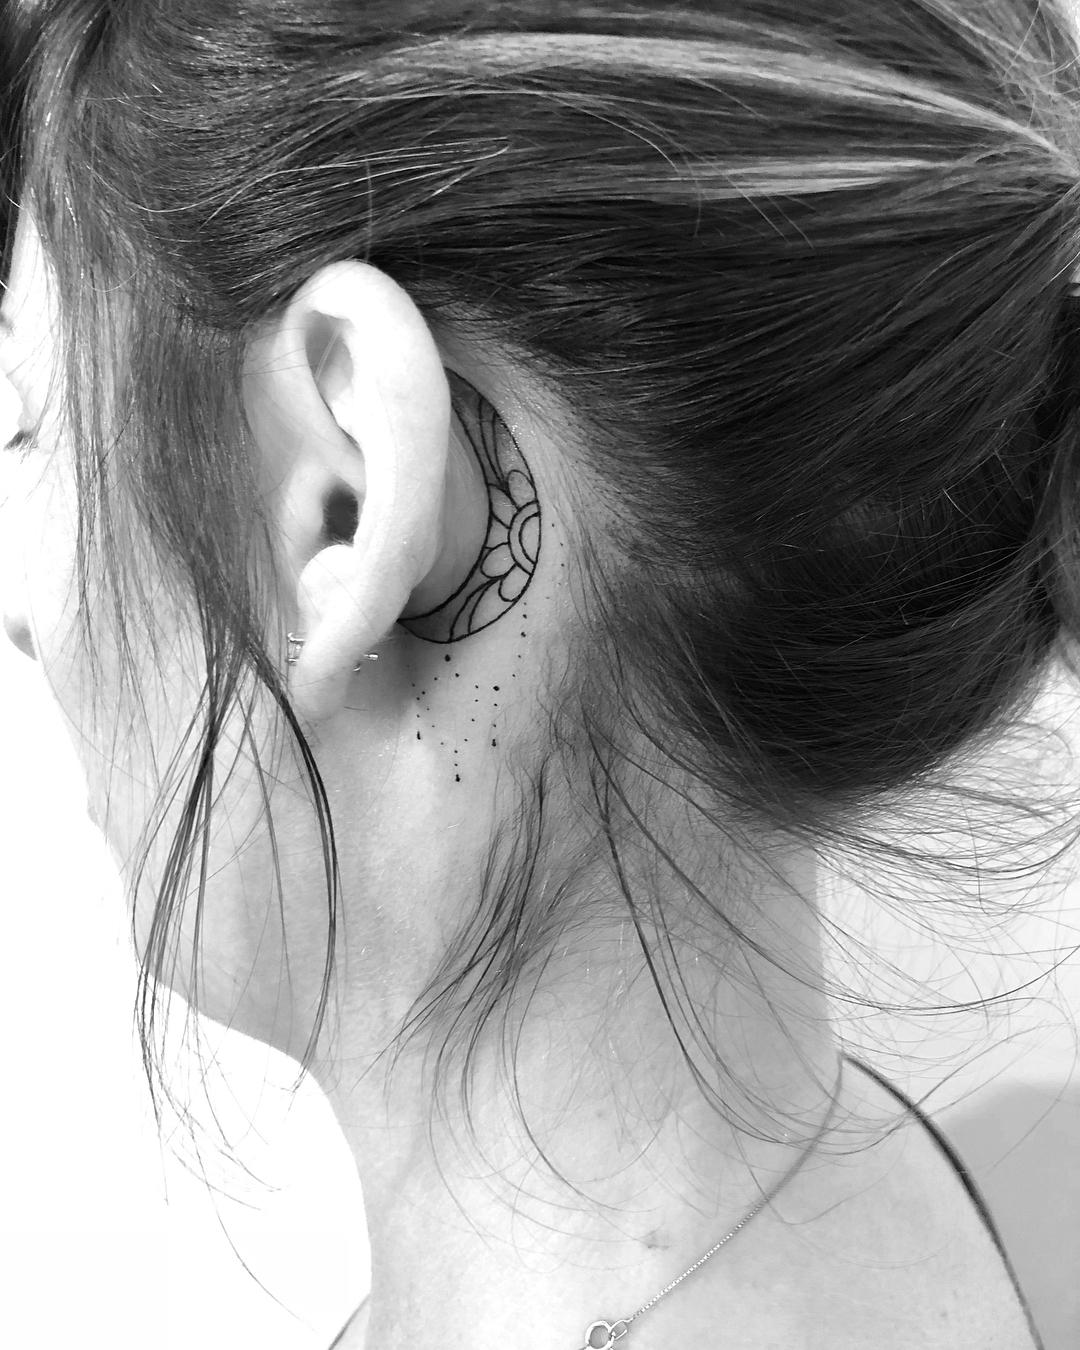 Linda Lua tatuada atrás da orelha. Discreta e feminina.